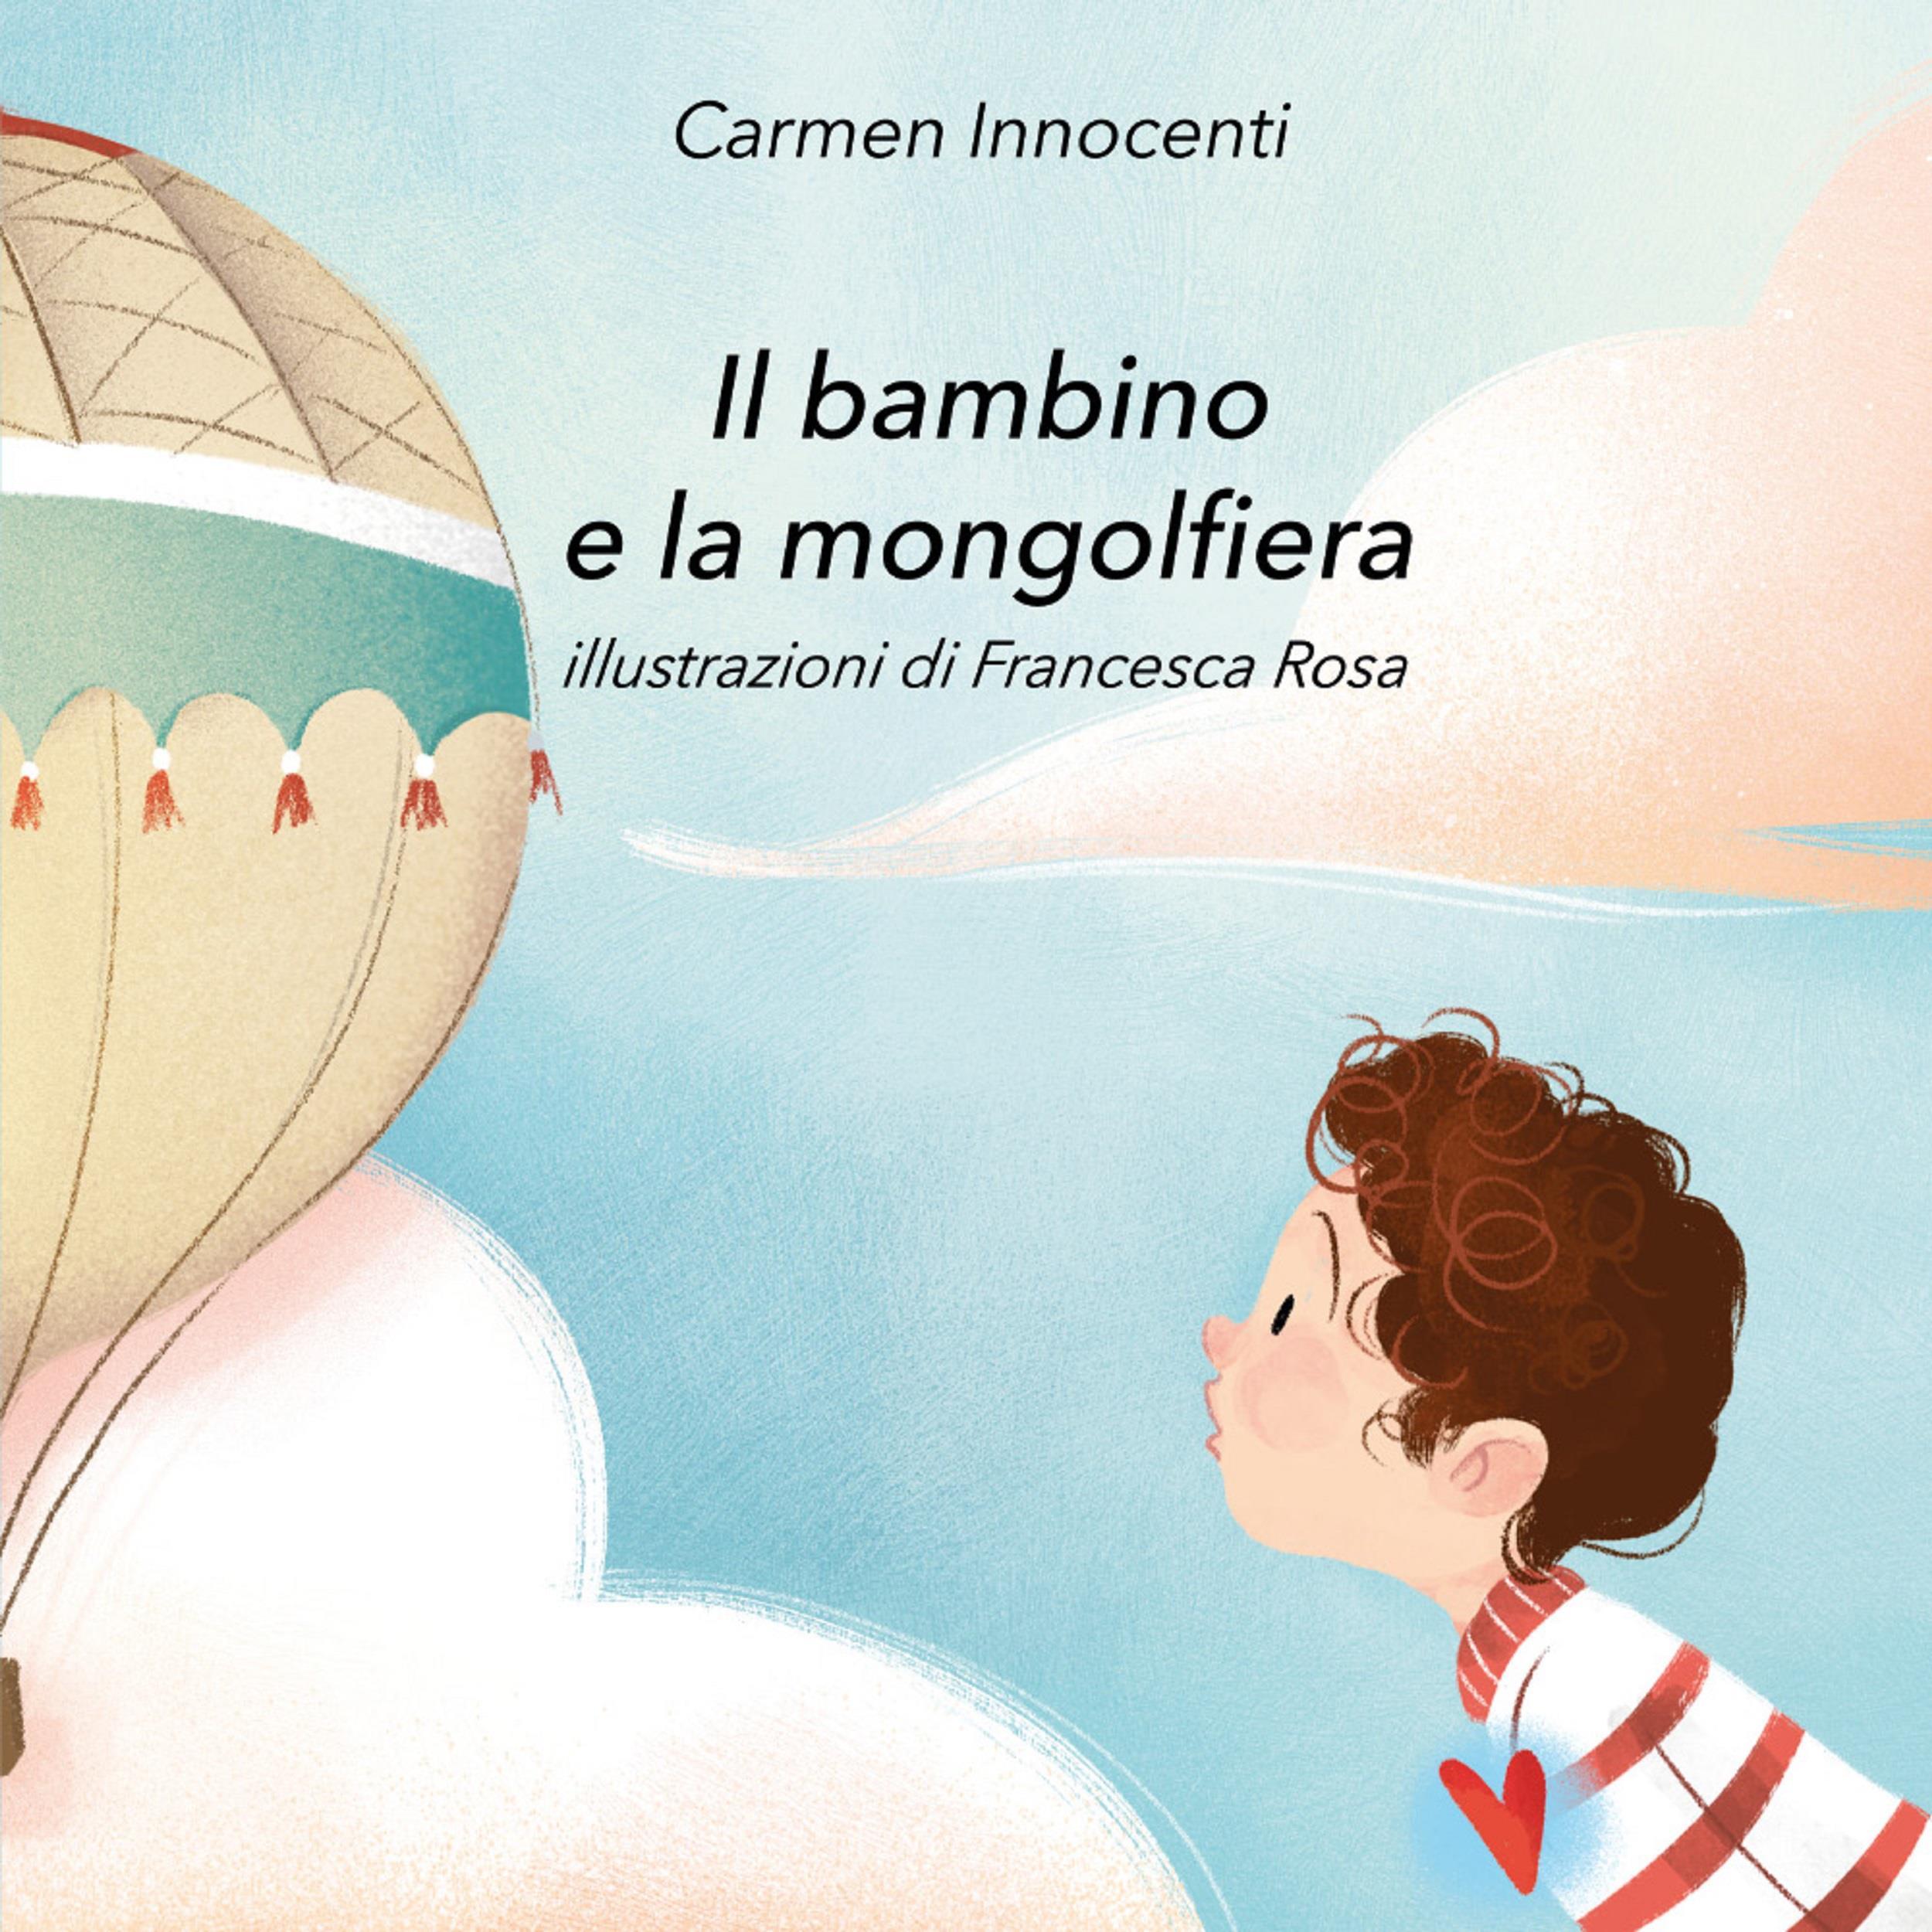 Il bambino e la mongolfiera - La mamma e la mongolfiera